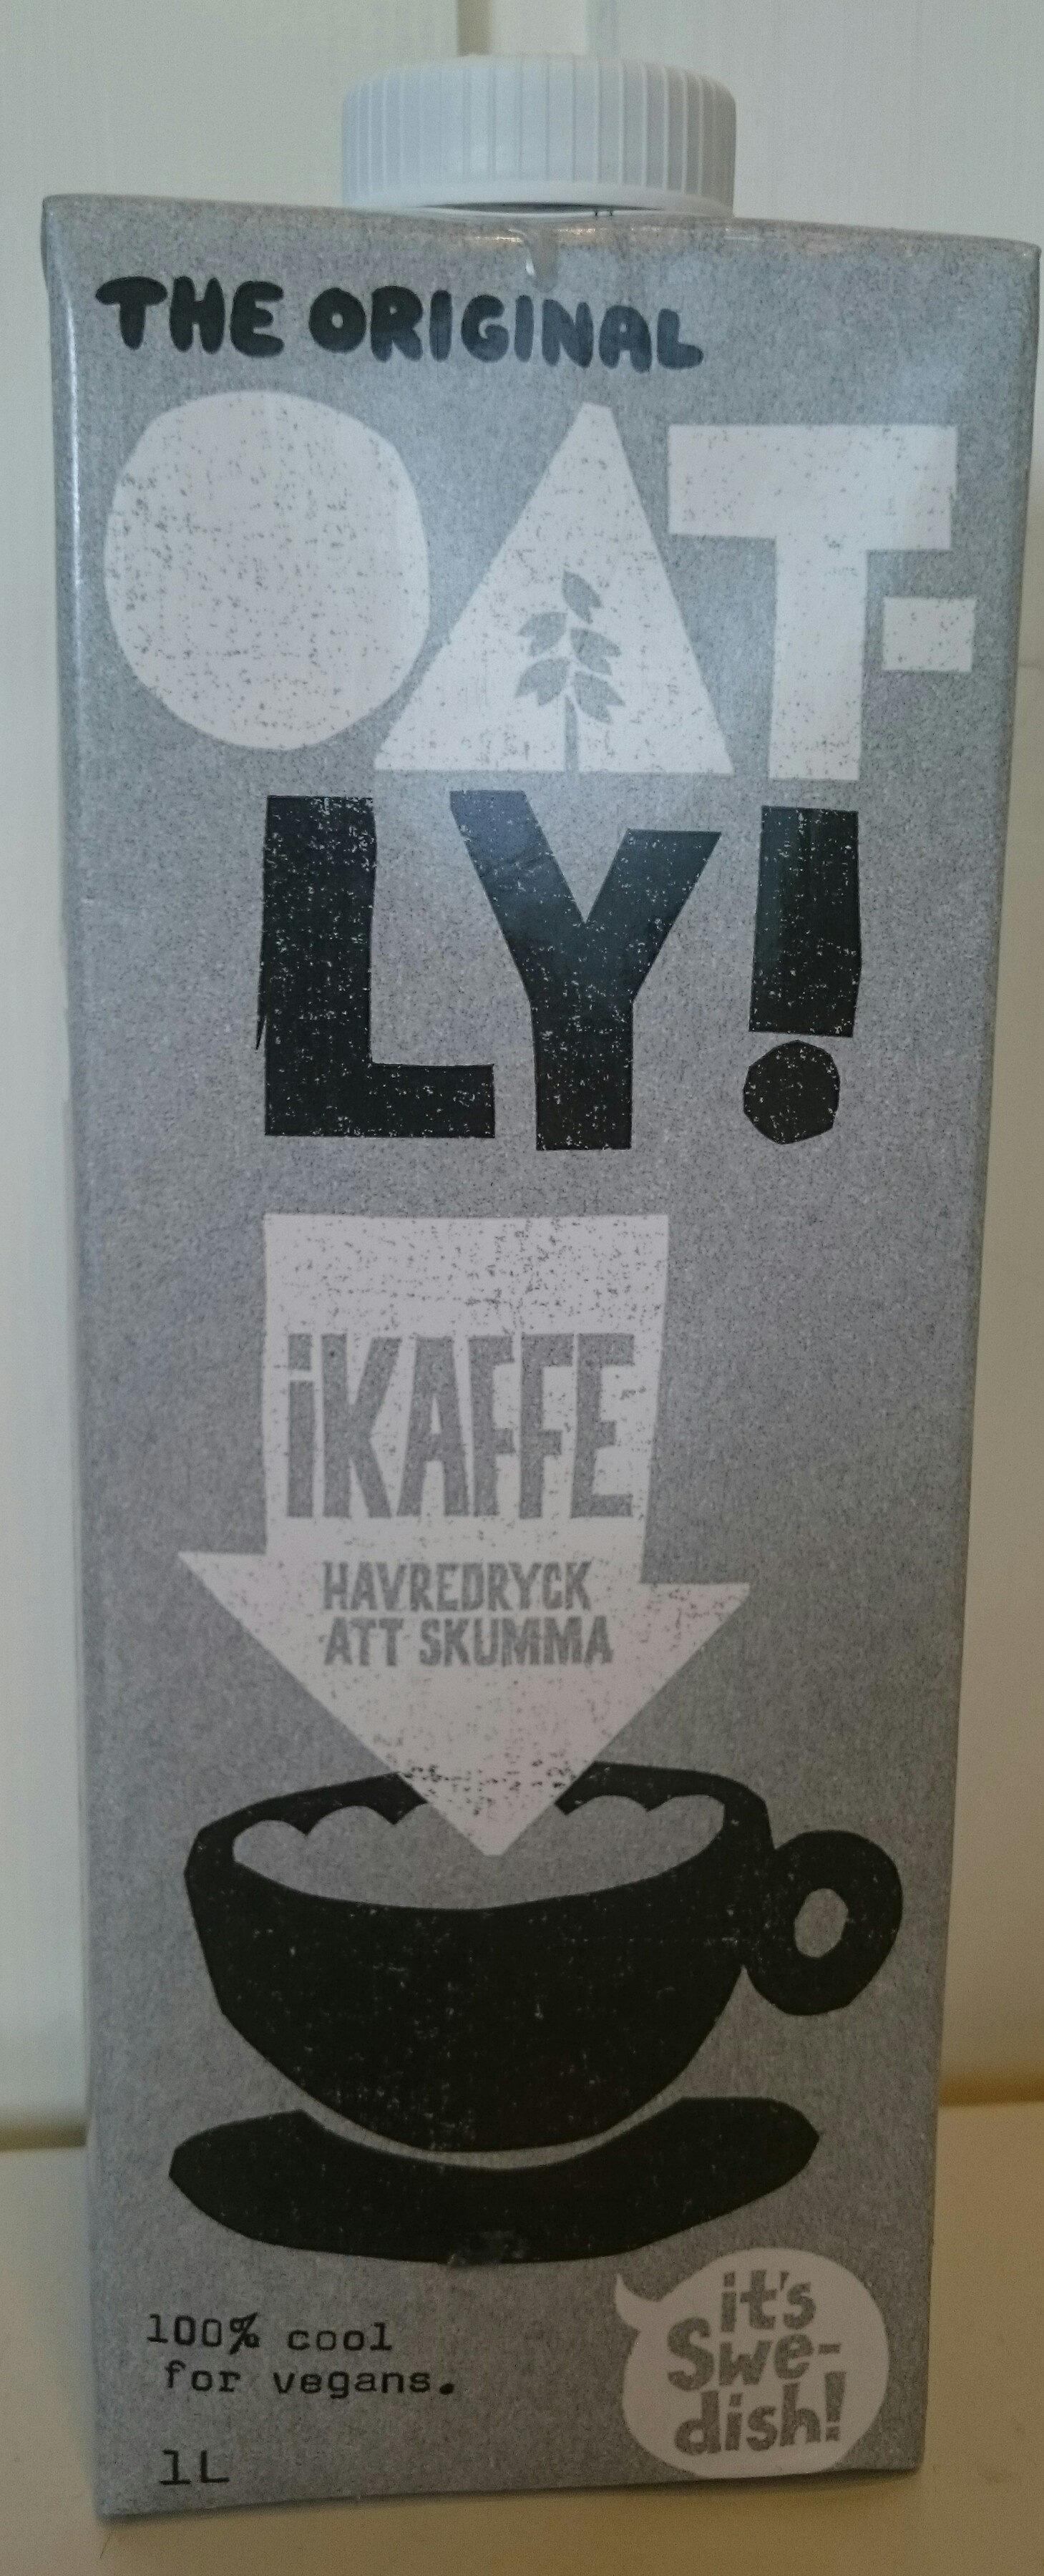 Oatly! ikaffe - Tuote - fi